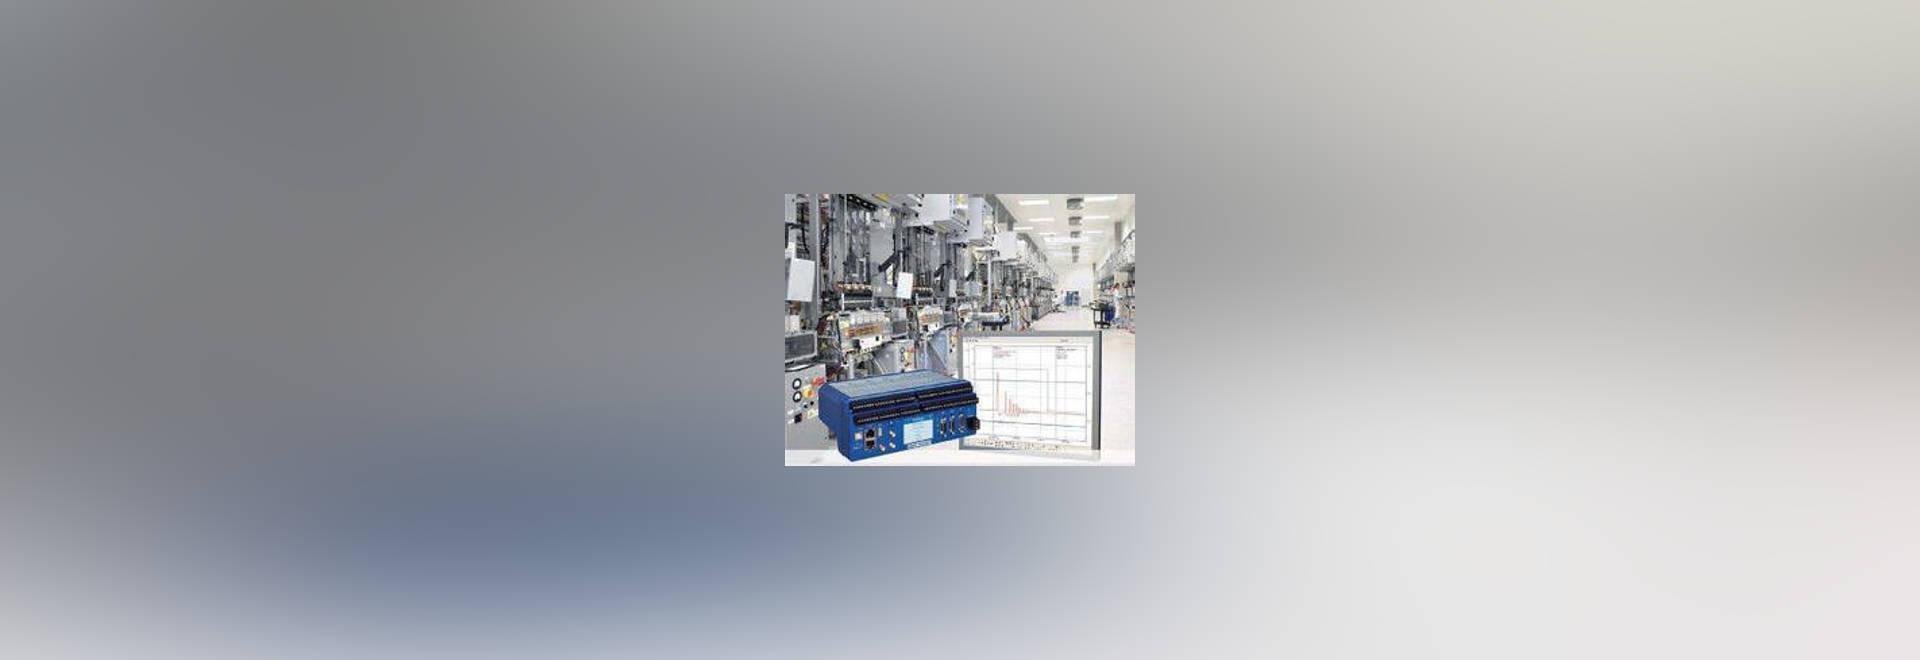 Équipé de la technologie de FPGA pour la vitesse et l'exactitude, la coupure experte de Delphin peut acquérir ? dans la synchronisation avec des données de PLC ? signaux périphériques tels que des ...